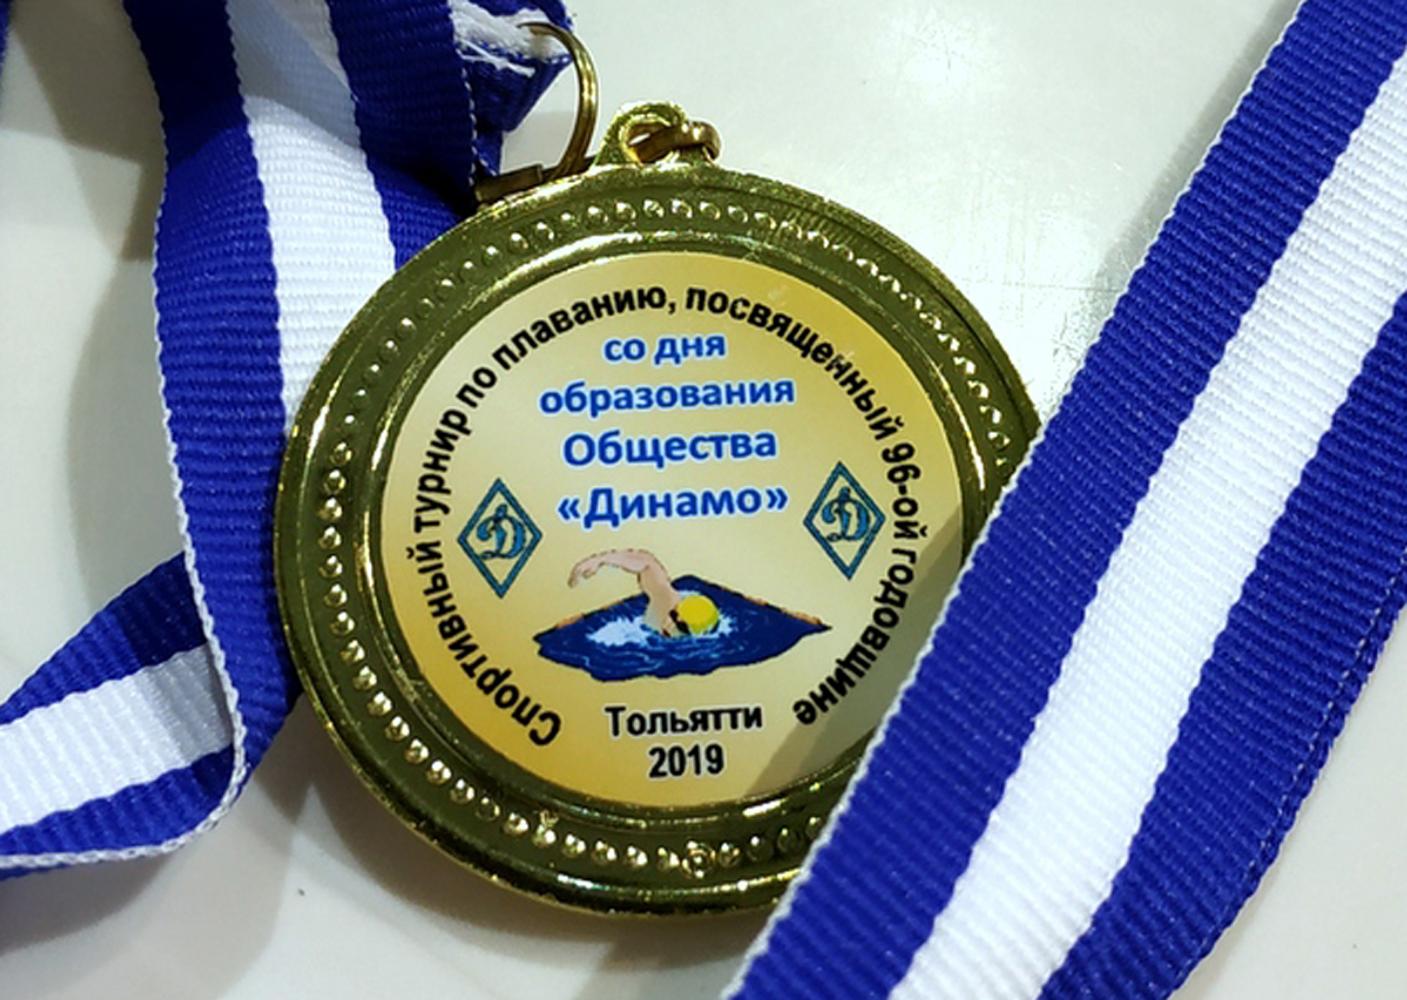 Фотографии за 2018-19 гг.